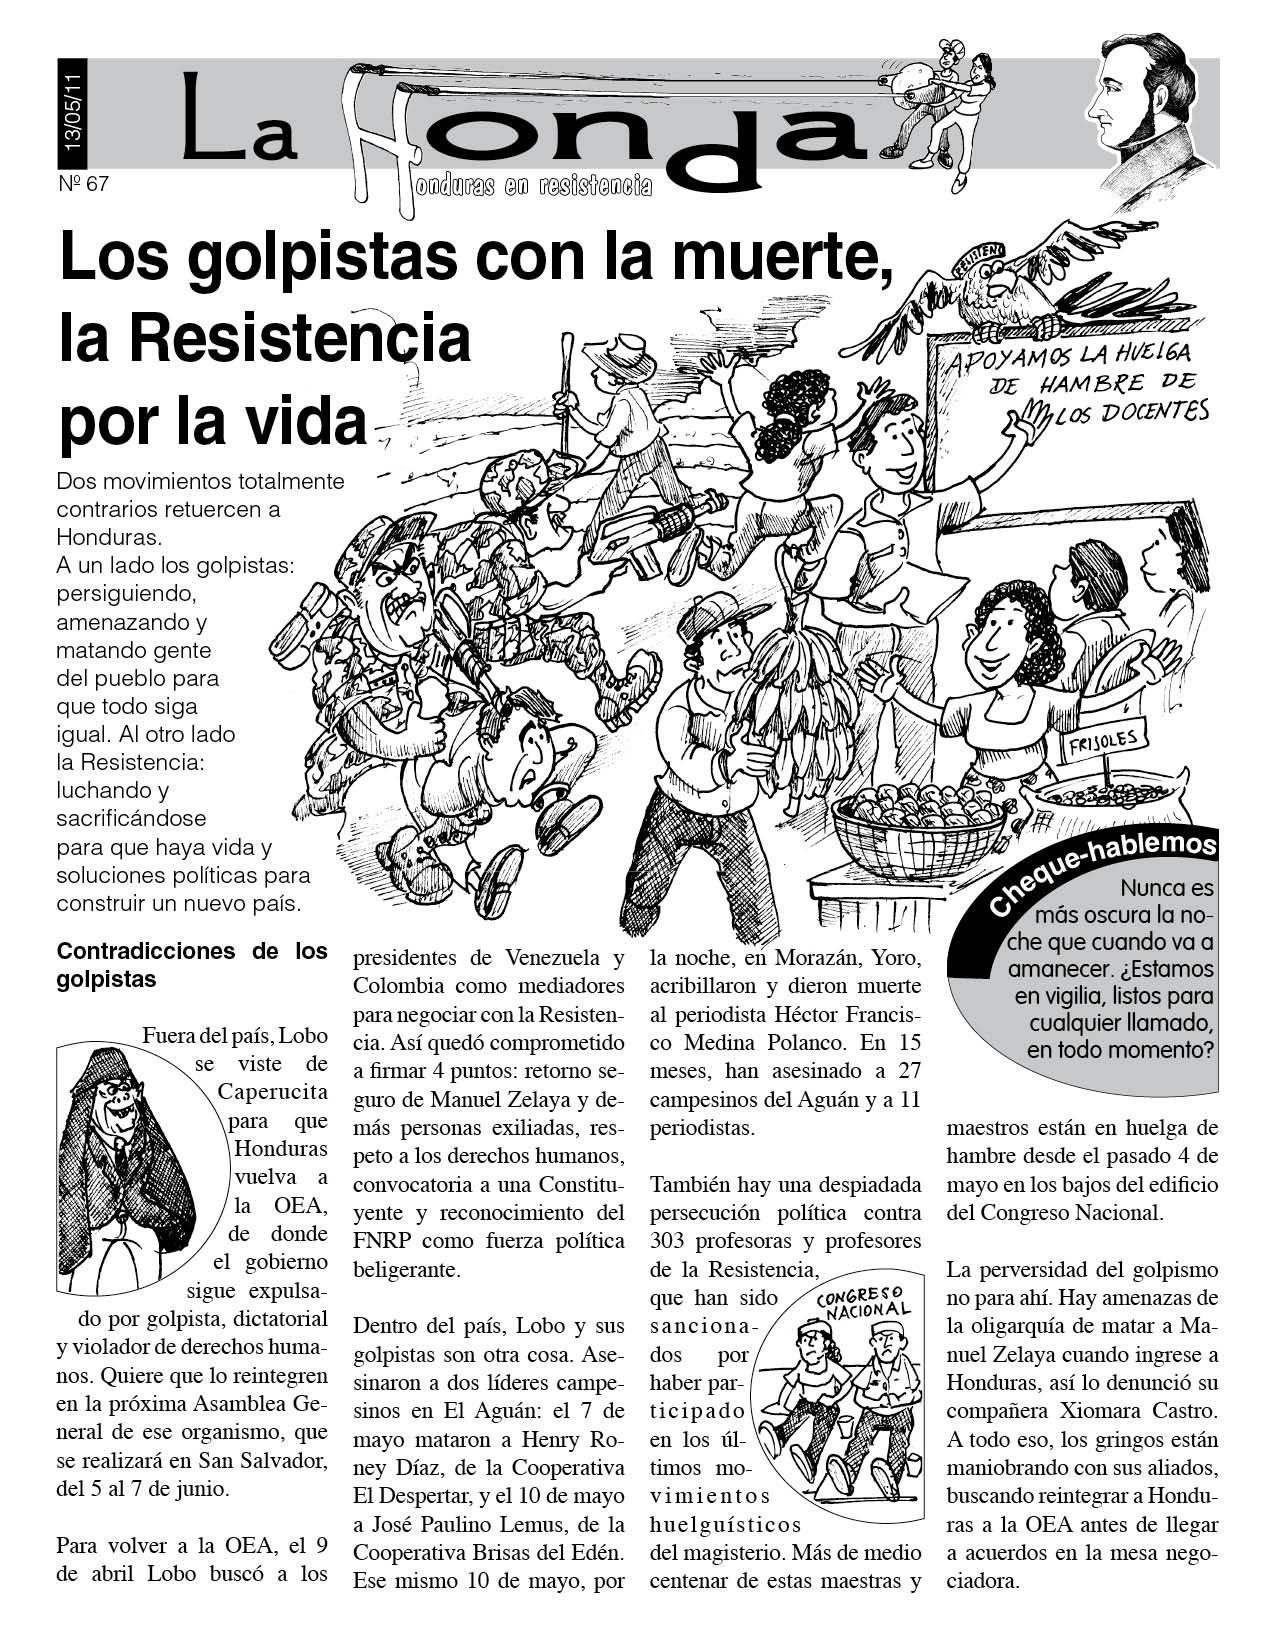 La Honda 67: Los Golpistas con la muerte, la Resistencia por la vida